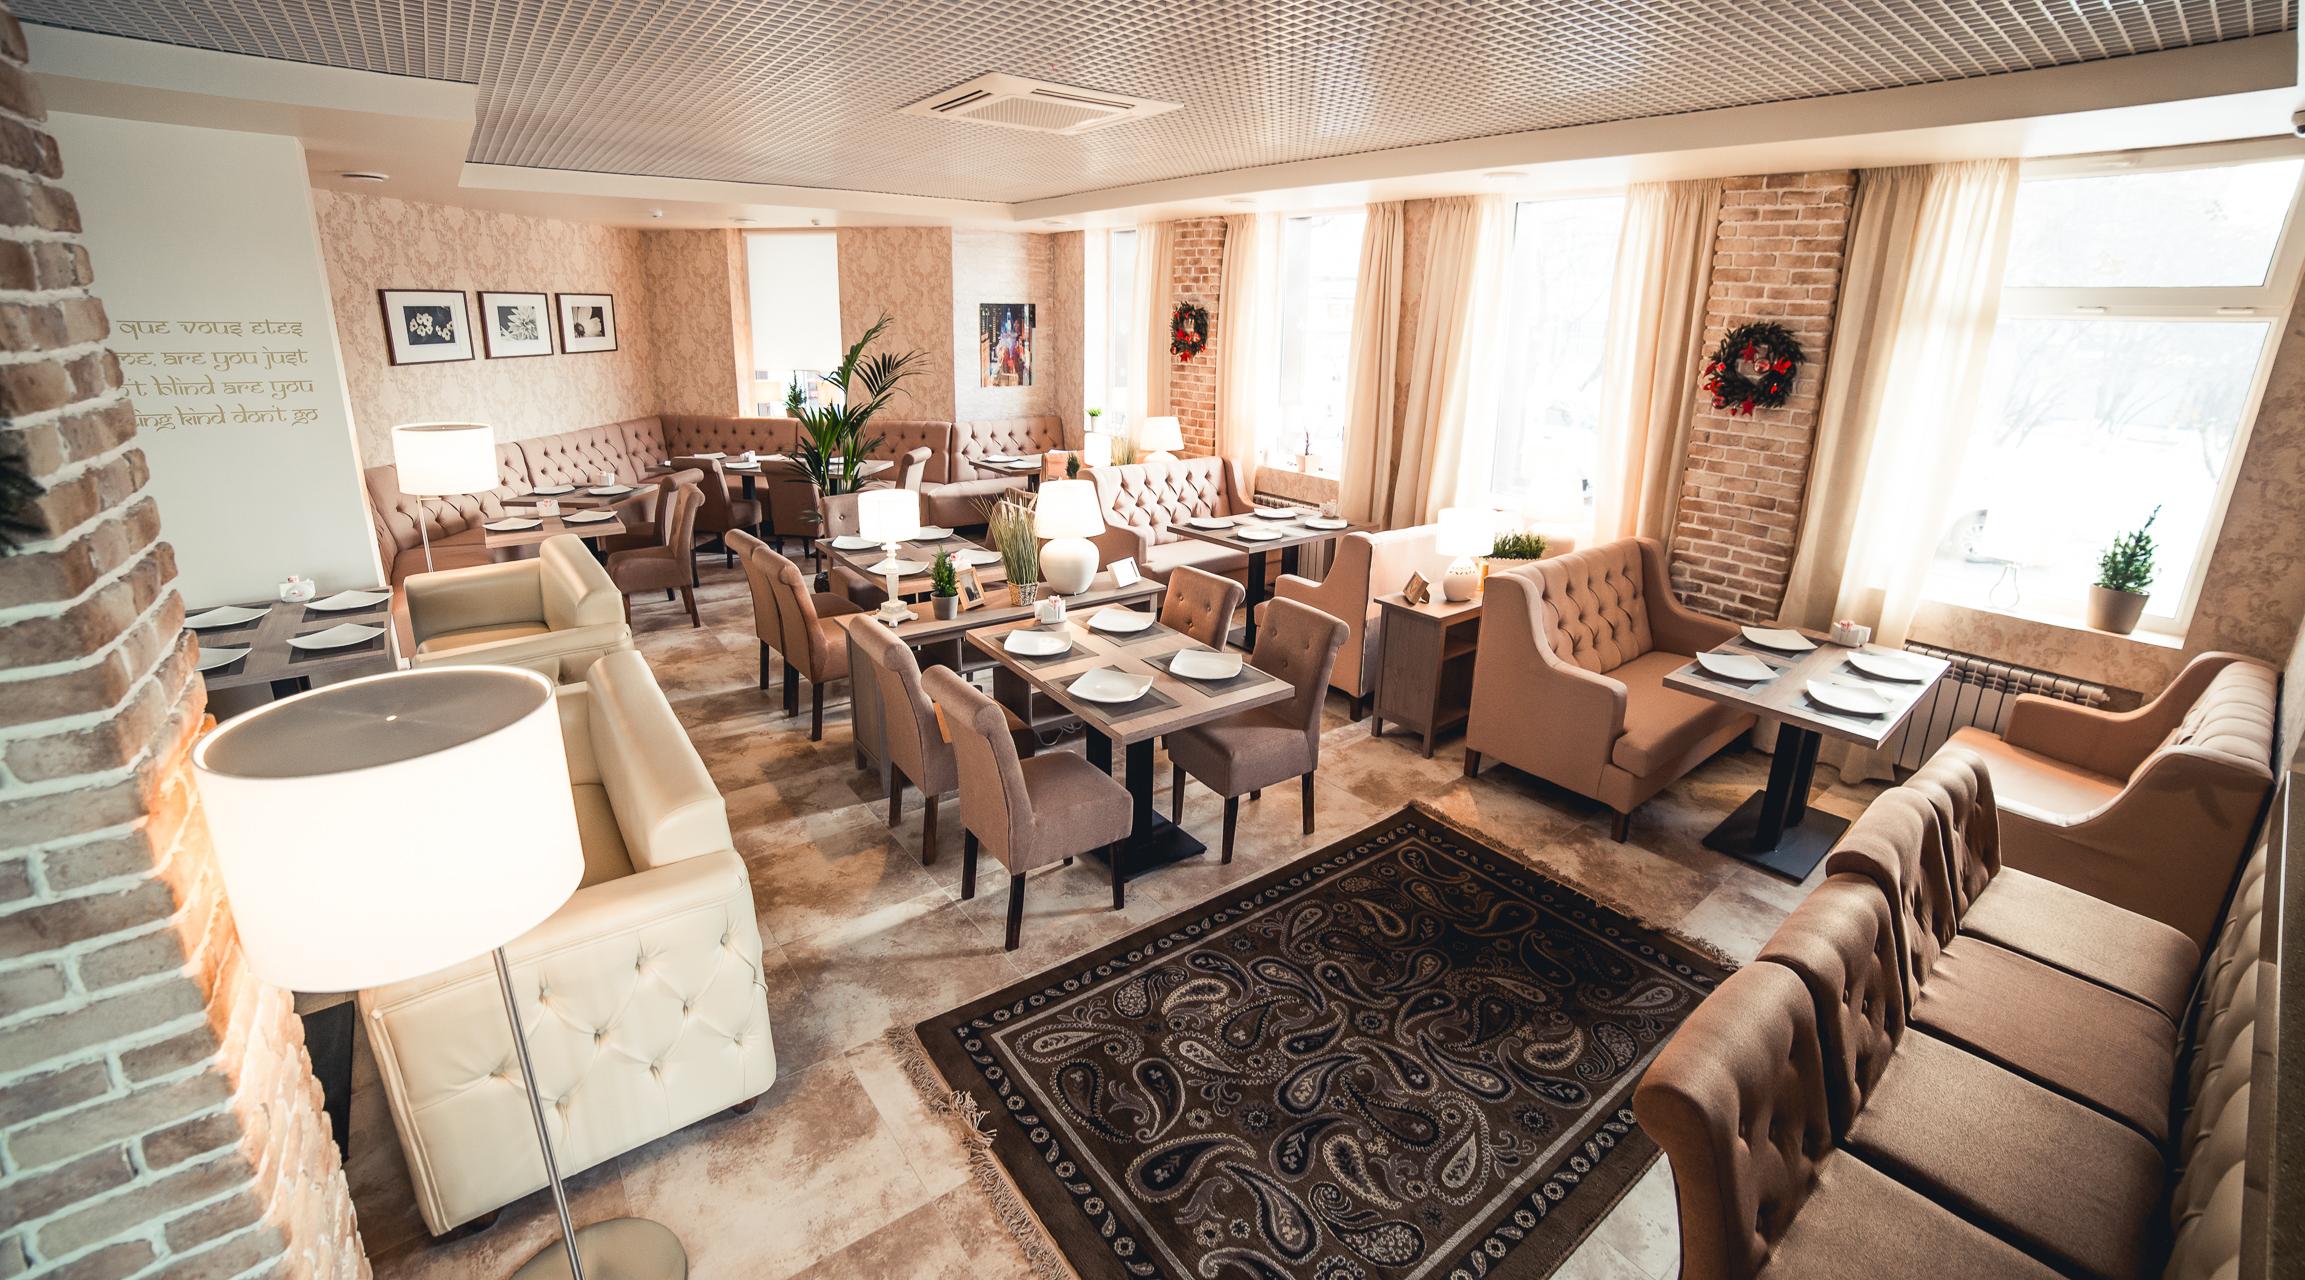 interior-24.jpg